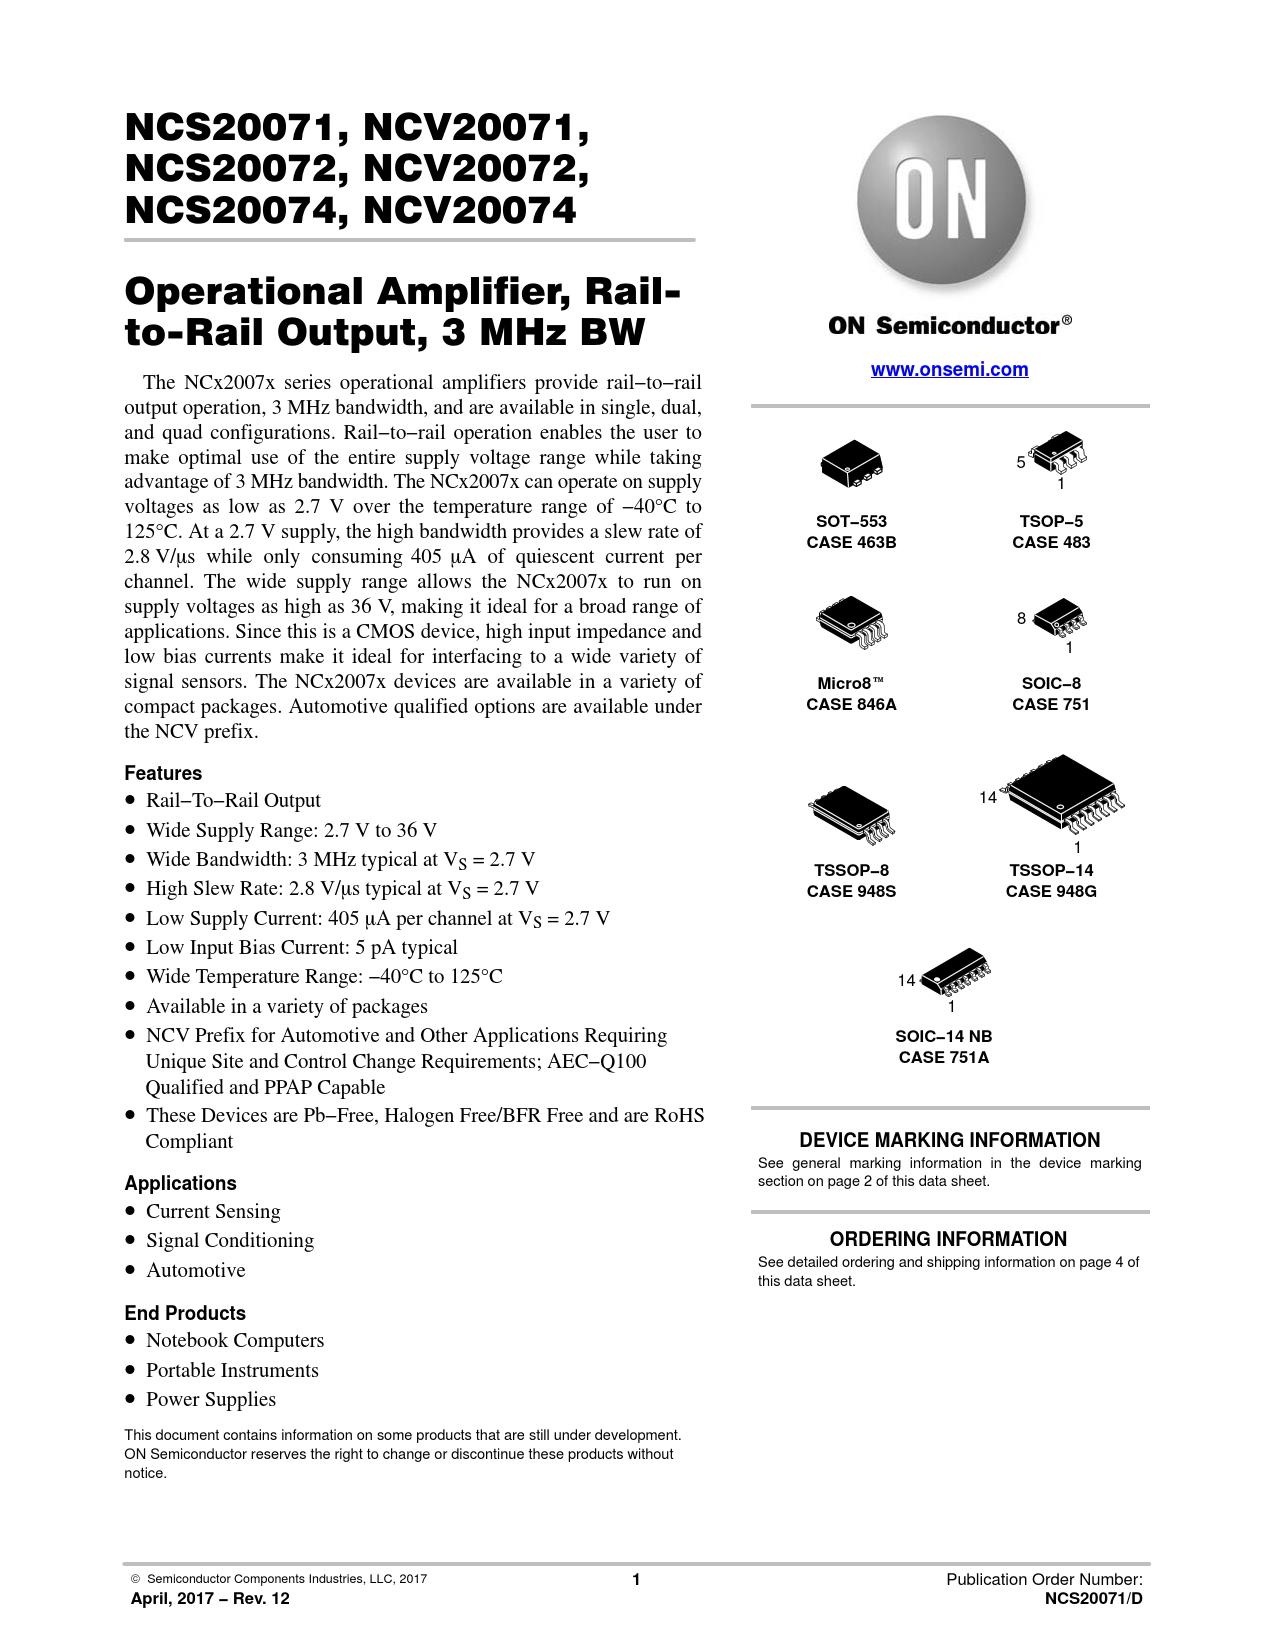 Datasheet NCS20071, NCV20071, NCS20072, NCV20072, NCS20074, NCV20074 ON Semiconductor, Revision: 14